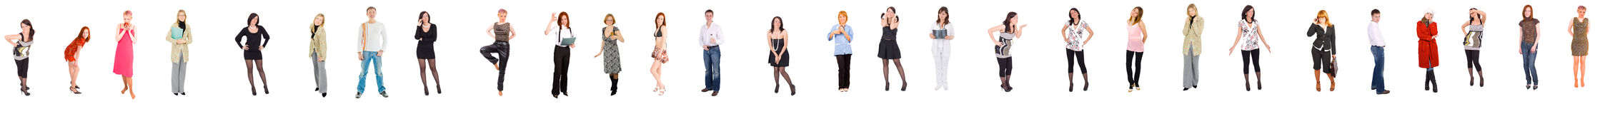 100 pies de línea de gente Imagen de archivo